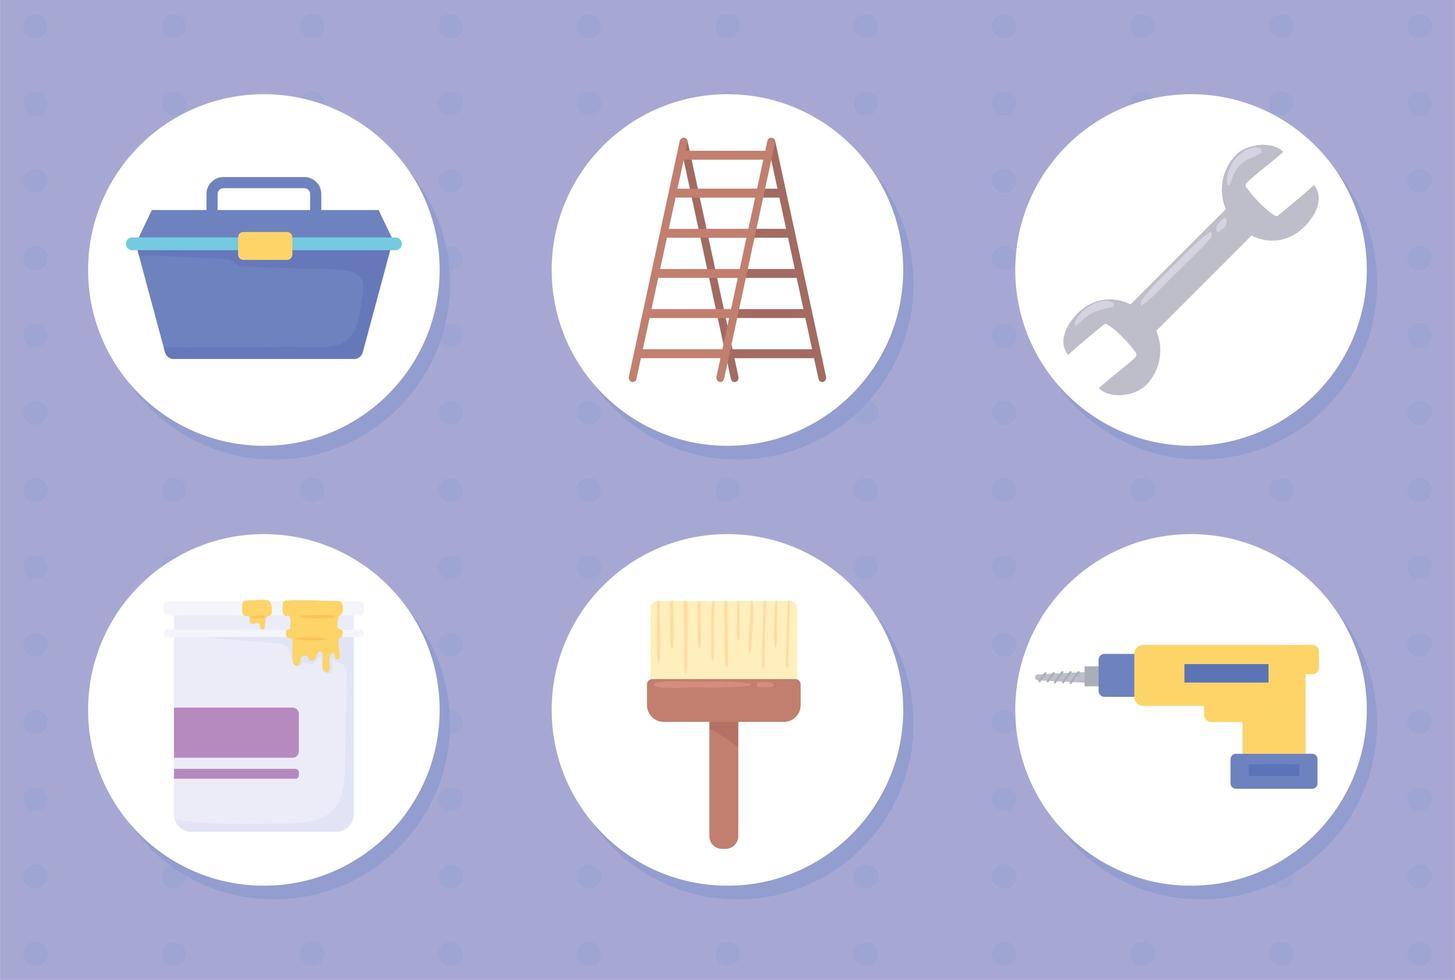 ferramentas de construção e melhoria da casa vetor